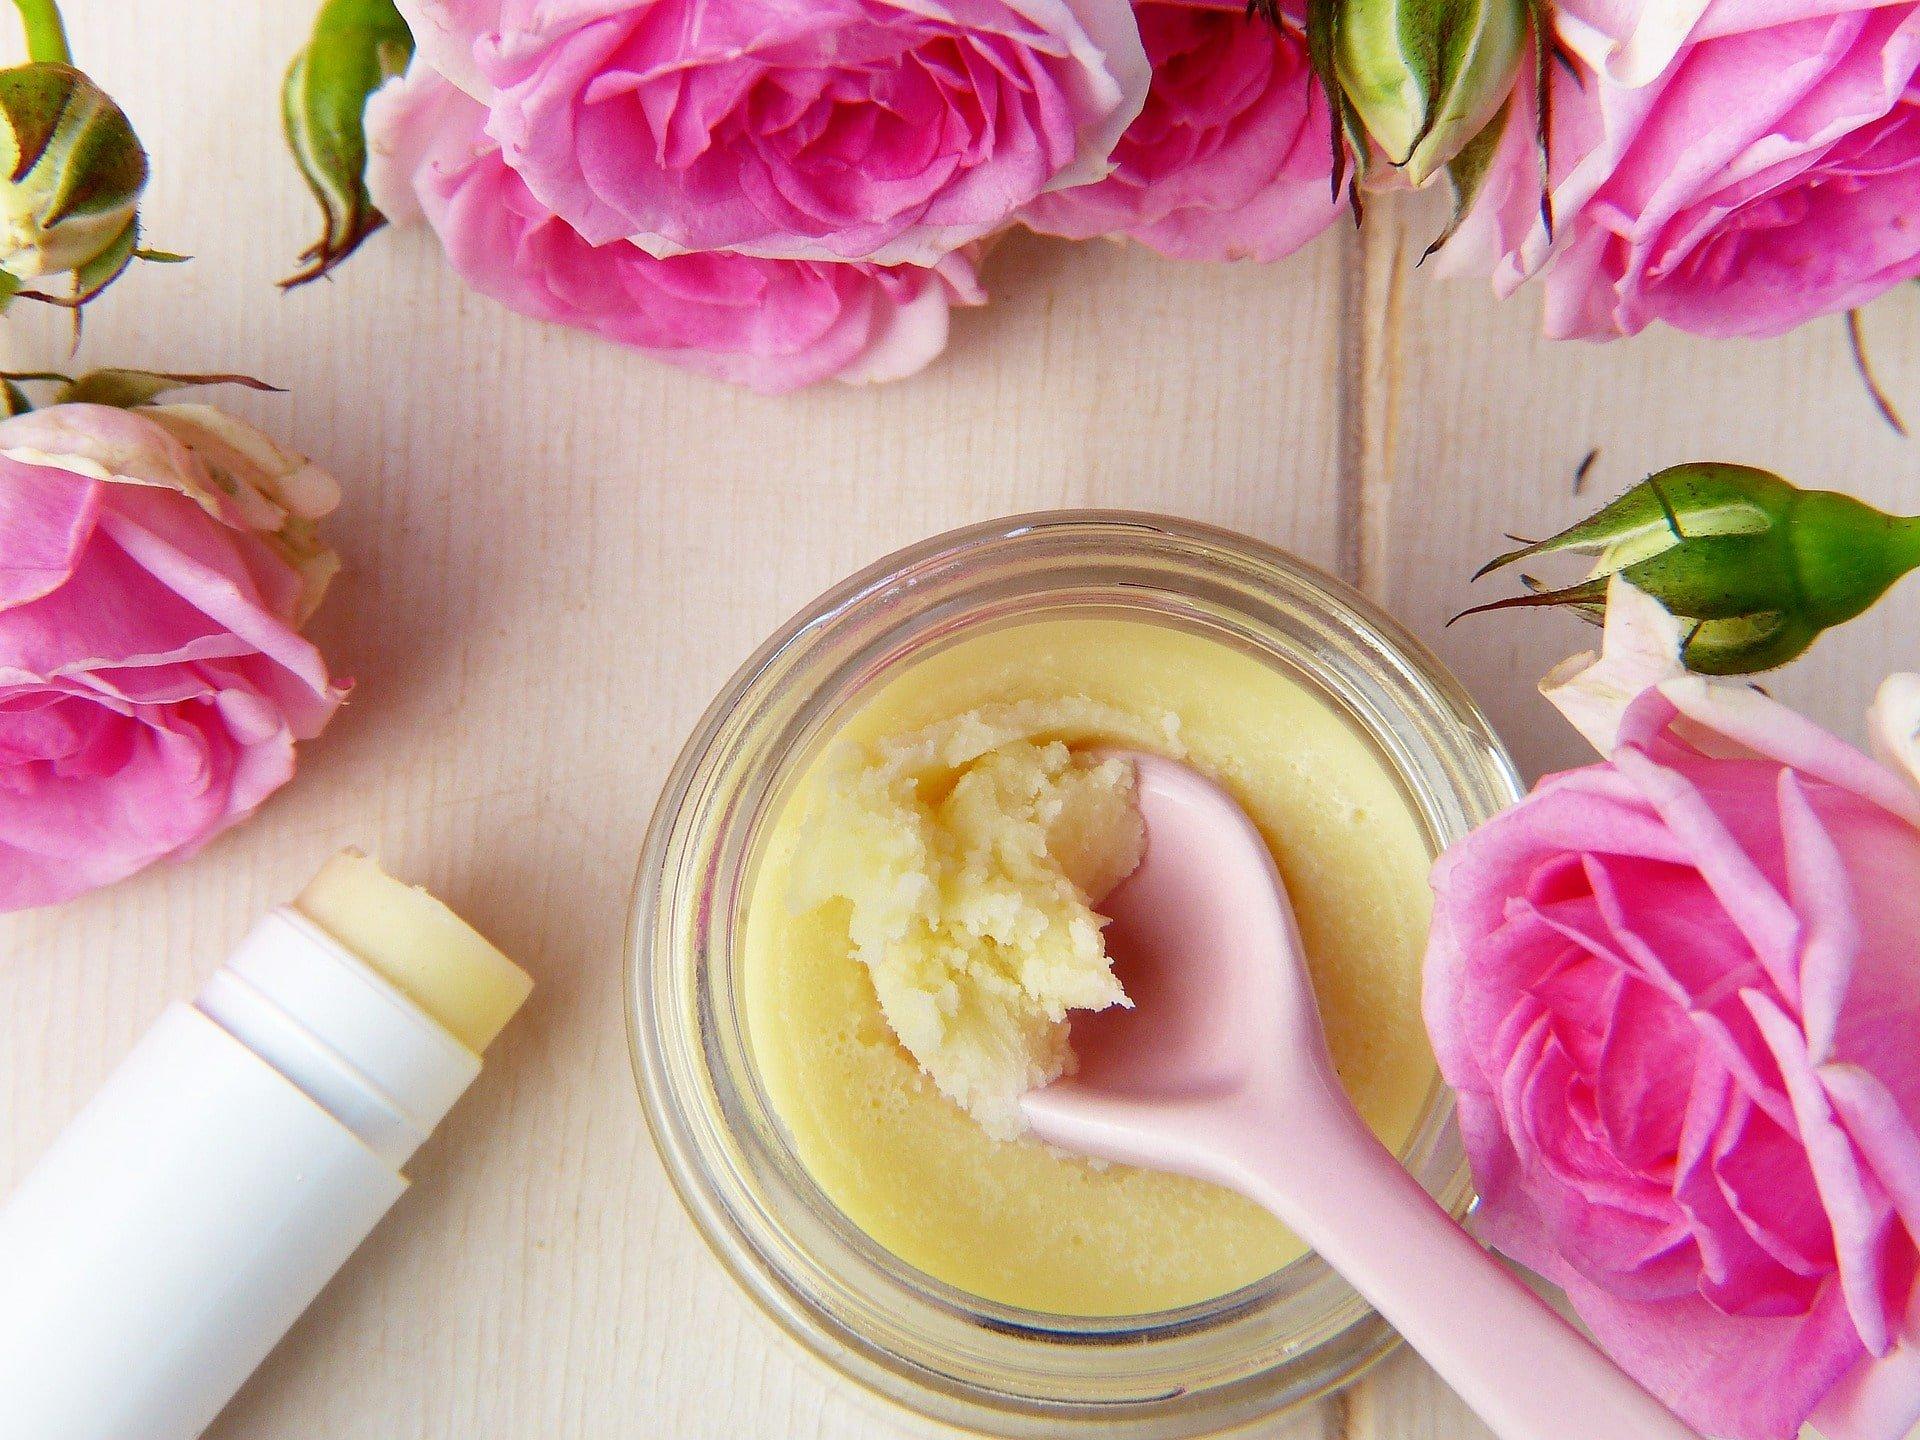 Cosmetici Naturali e Biologici: i Marchi Migliori